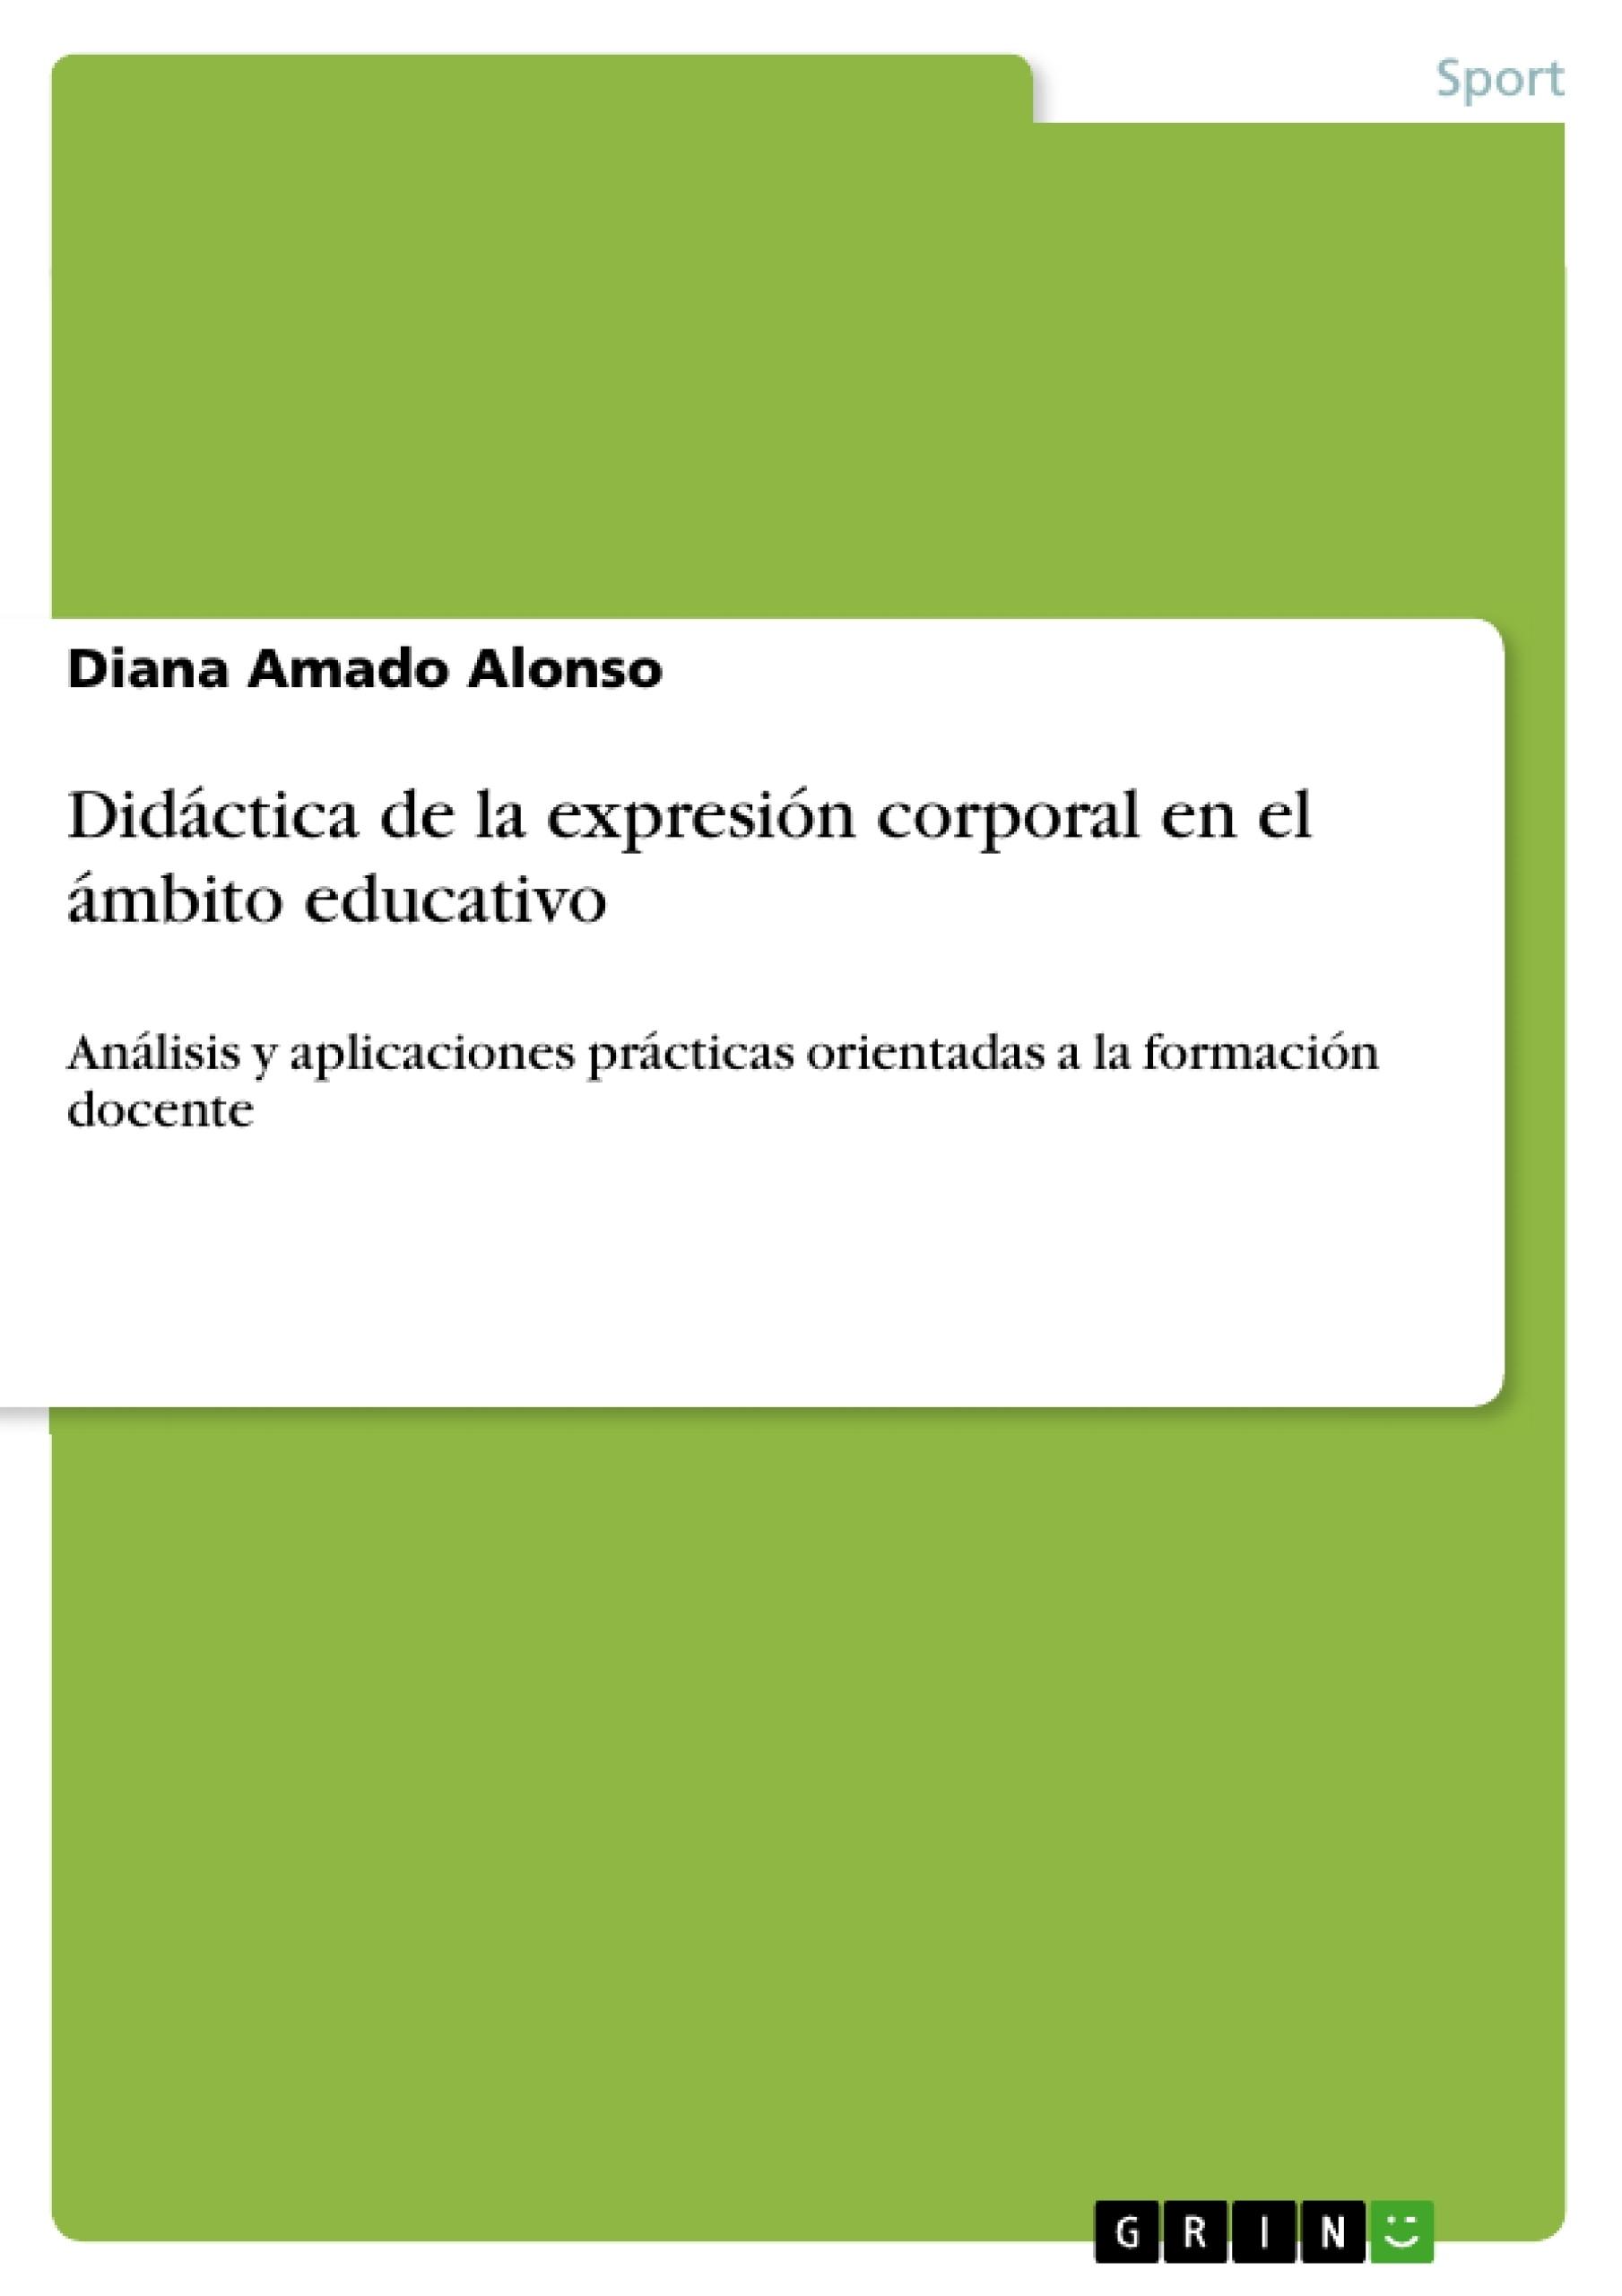 Título: Didáctica de la expresión corporal en el ámbito educativo